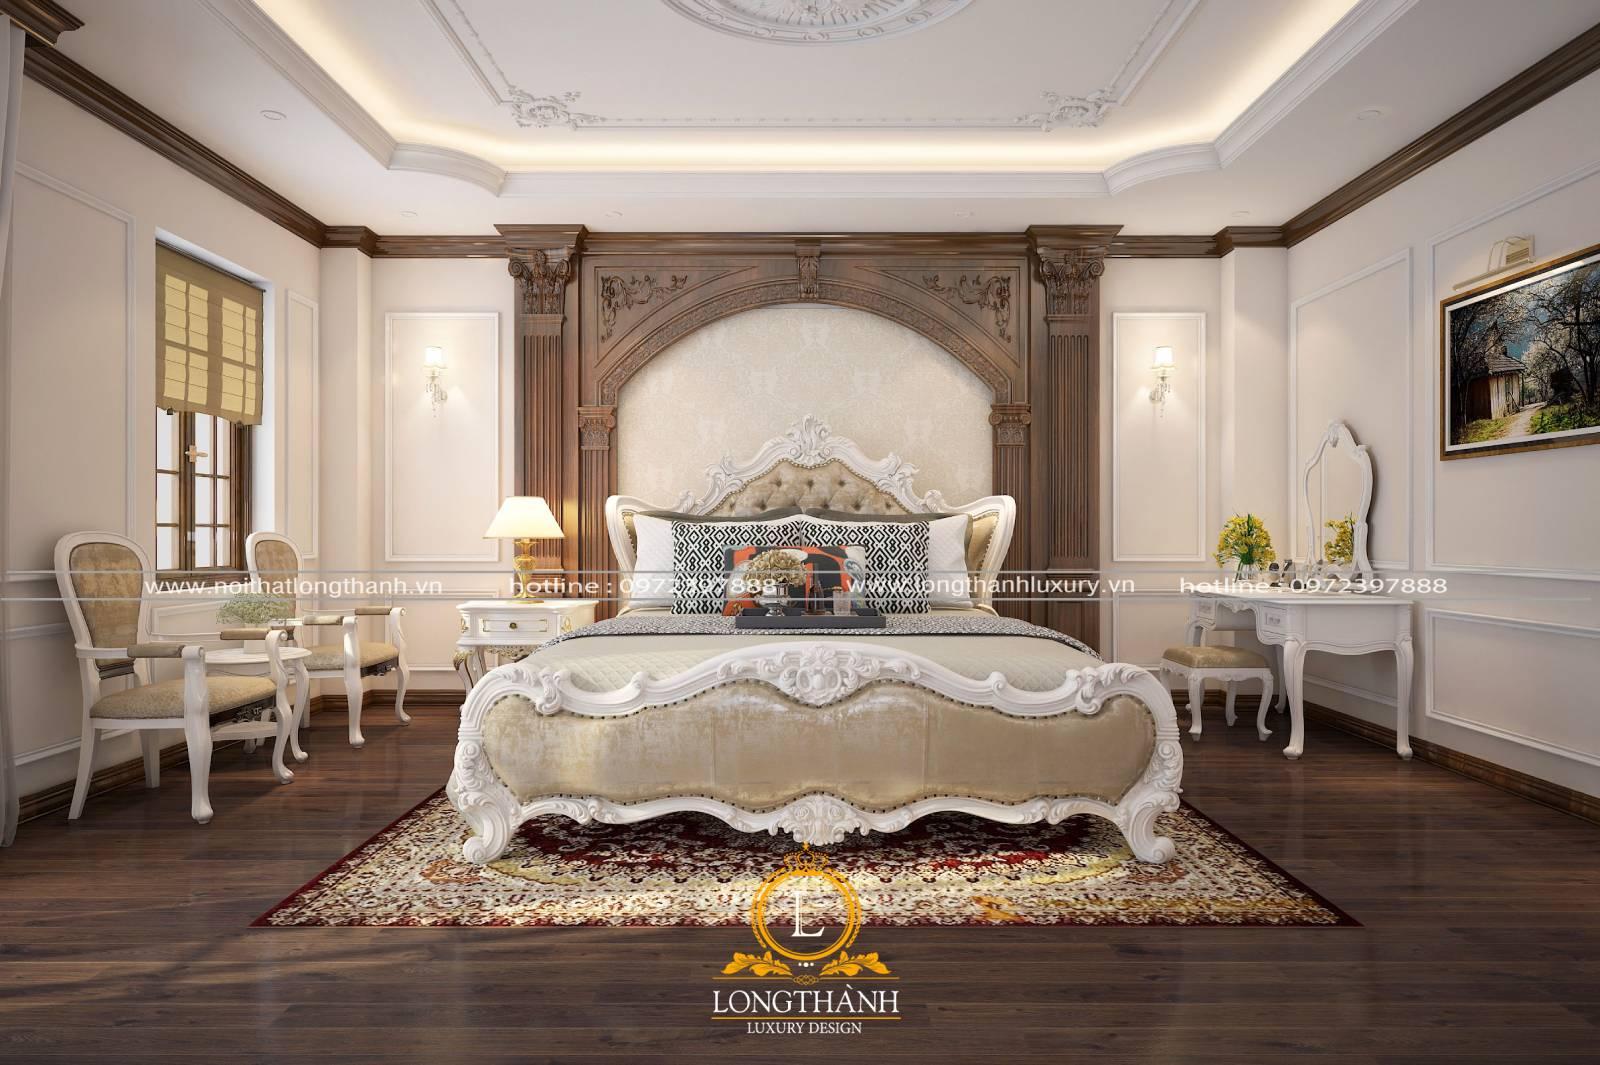 Tìm hiểu về kích thước cùng tiêu chuẩn của các mẫu giường ngủ hiện nay